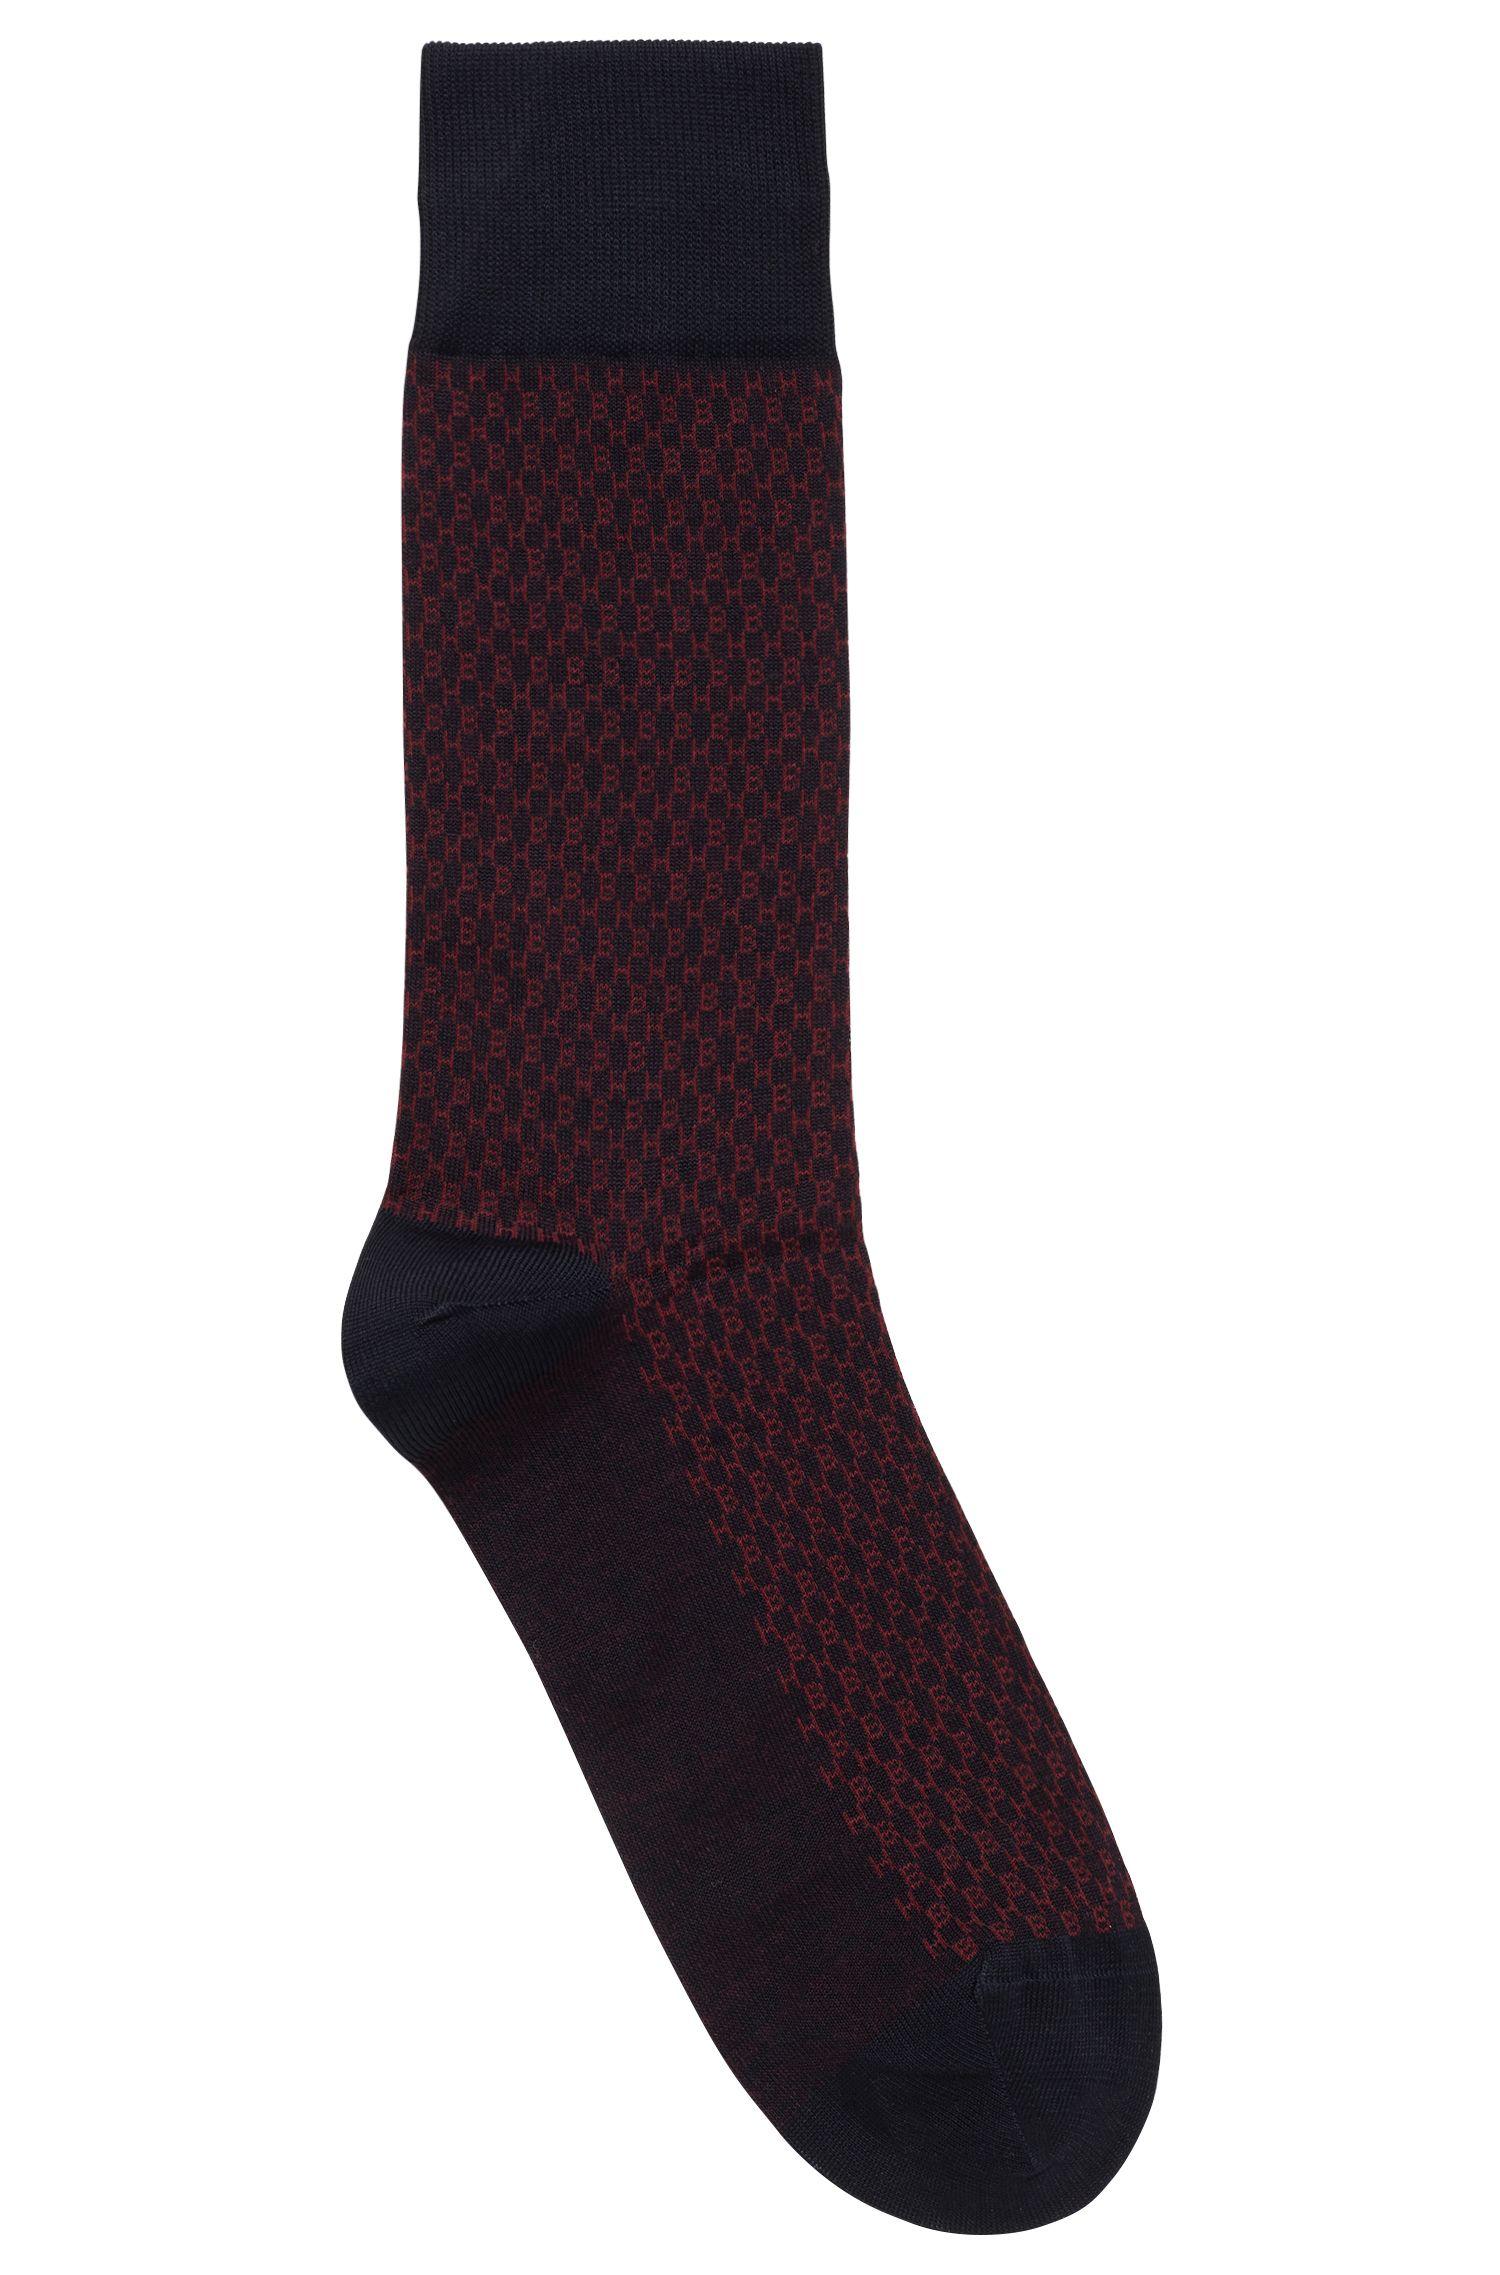 Socken aus merzerisiertem Baumwoll-Mix mit Monogramm-Muster, Dunkelblau